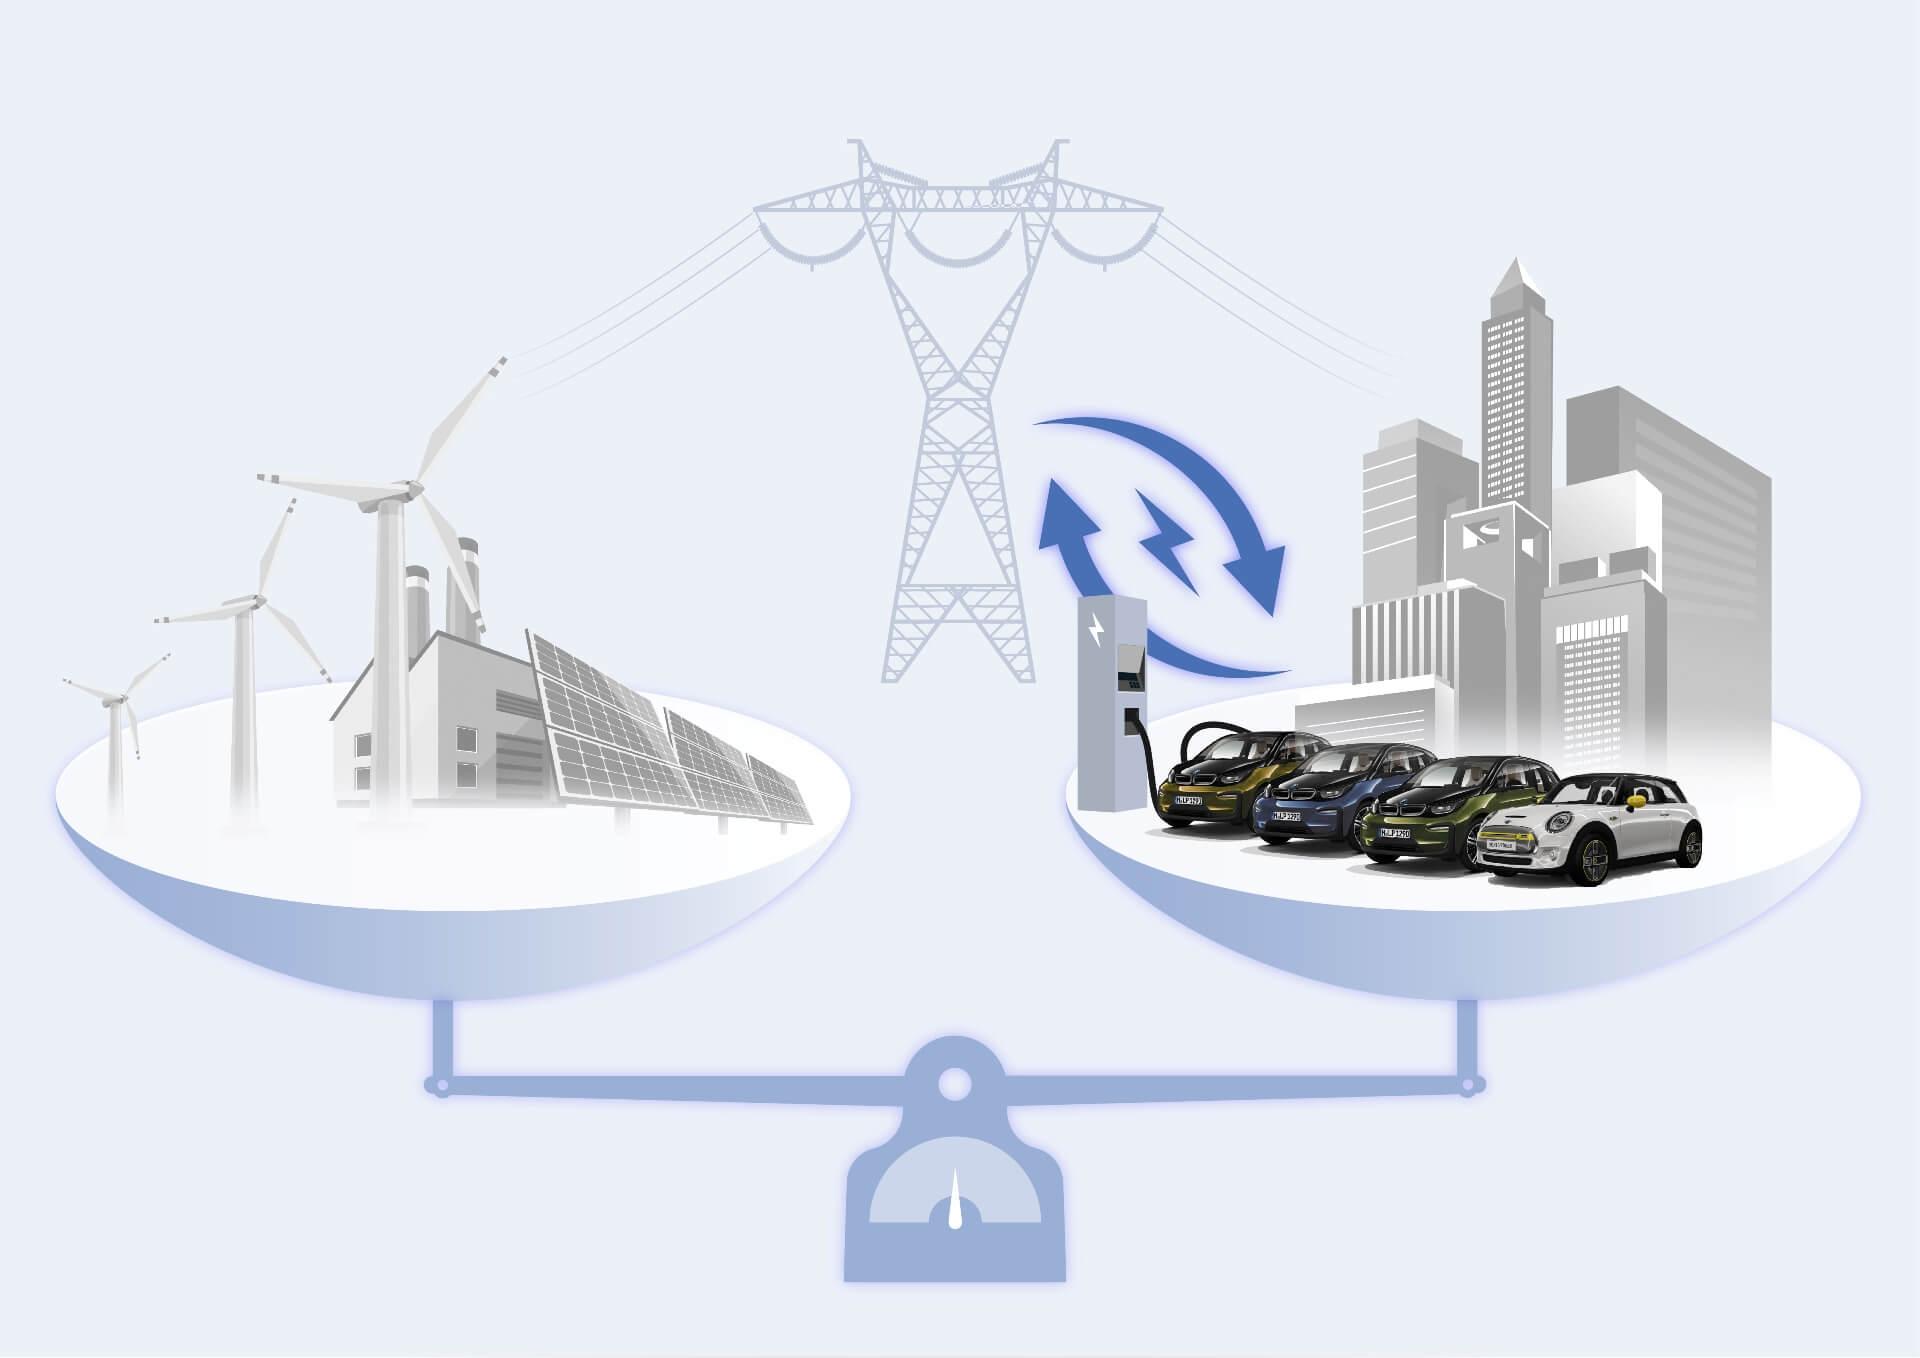 Интеллектуальное управление зарядом может играть роль впредотвращении перегрузки энергосети иотдавать приоритет зеленому электричеству